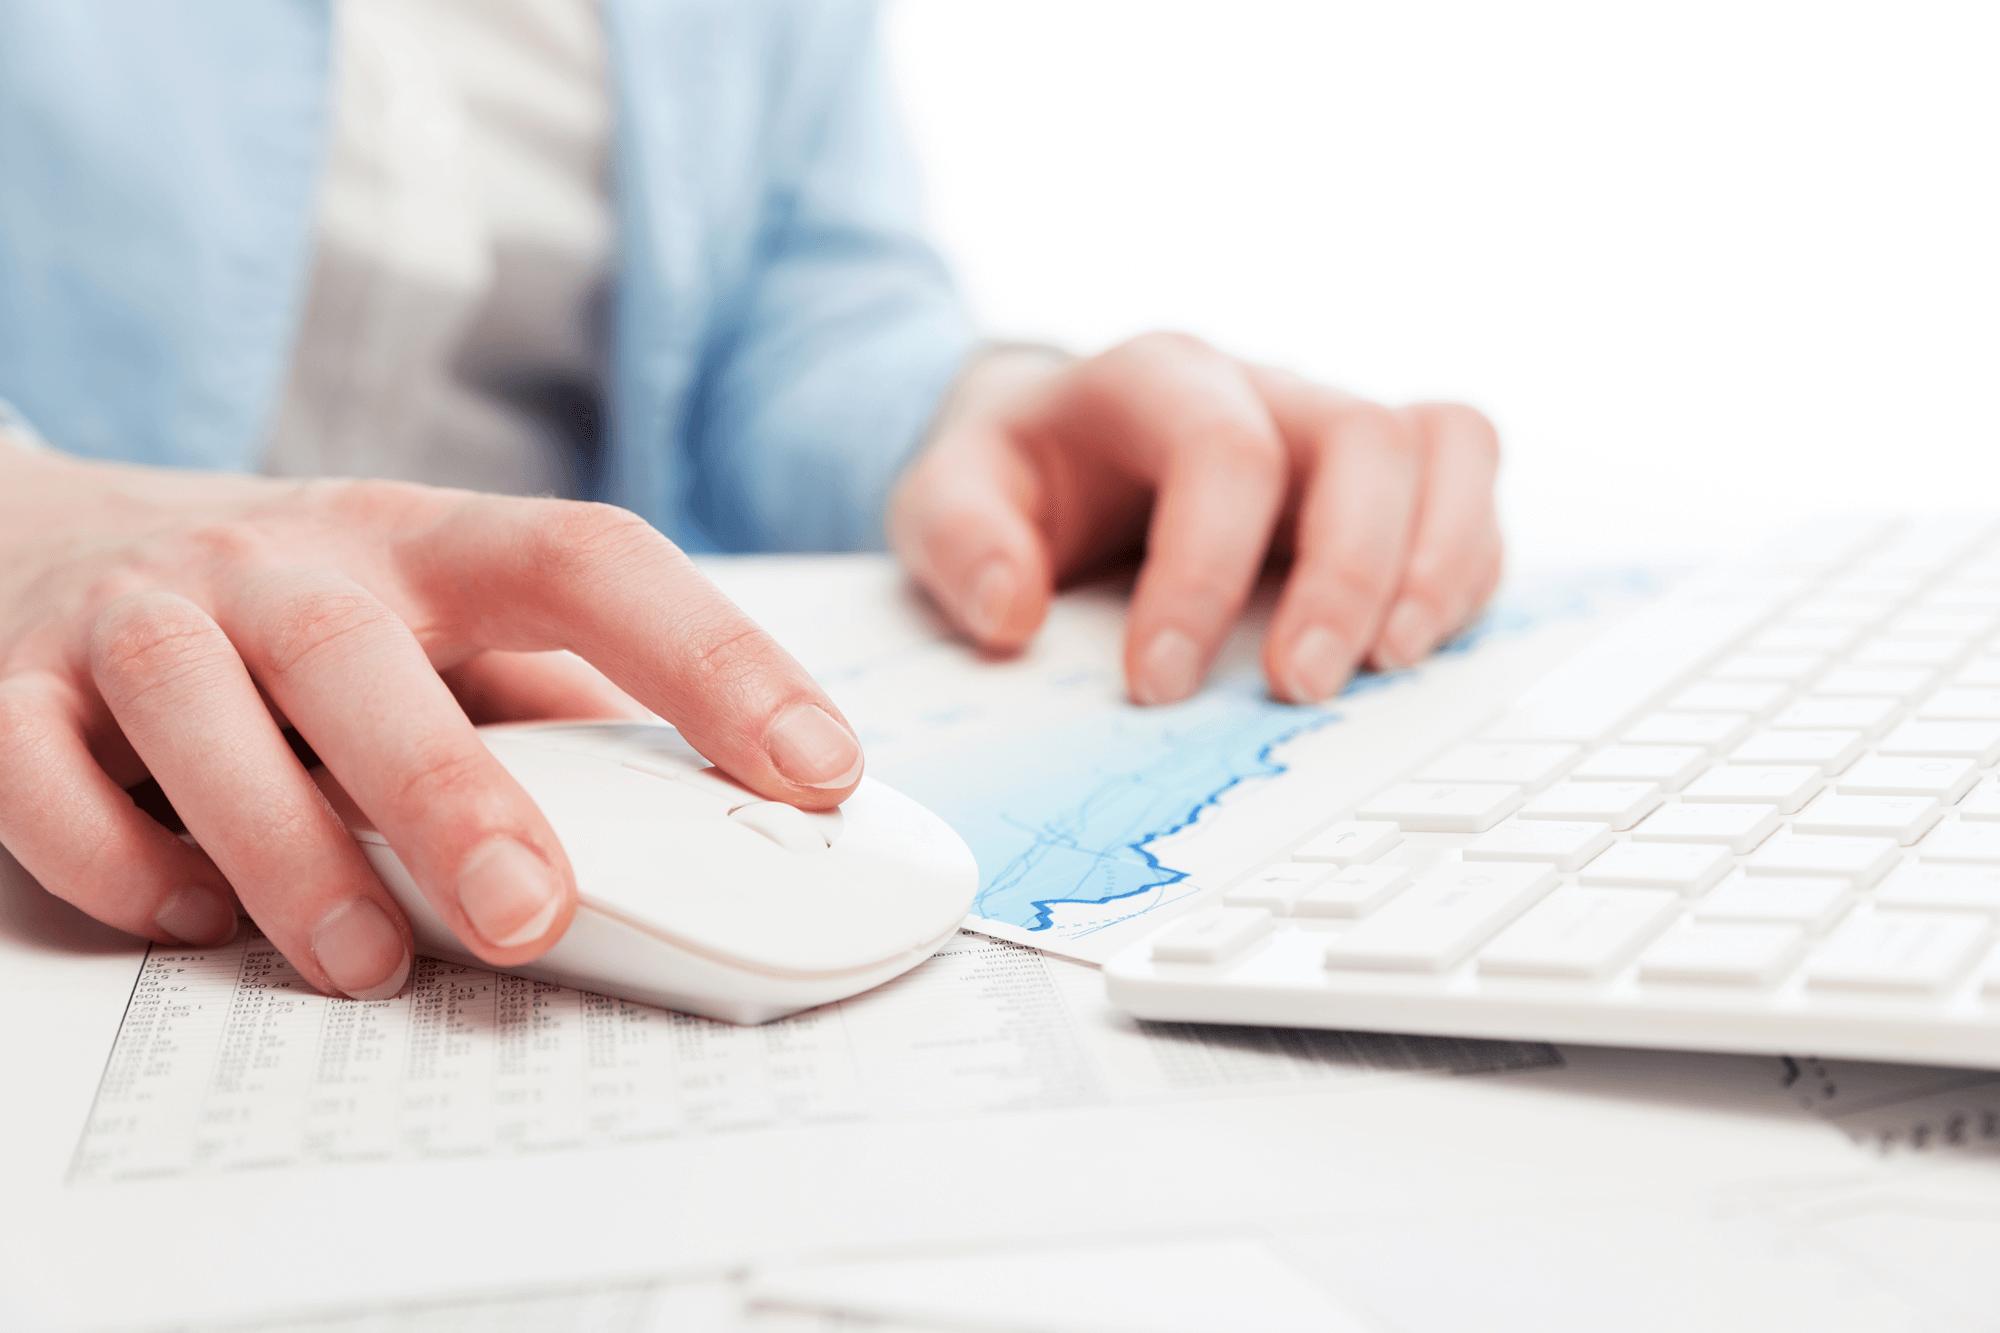 Informatiegestuurd werken | IGW | Een strategische discipline